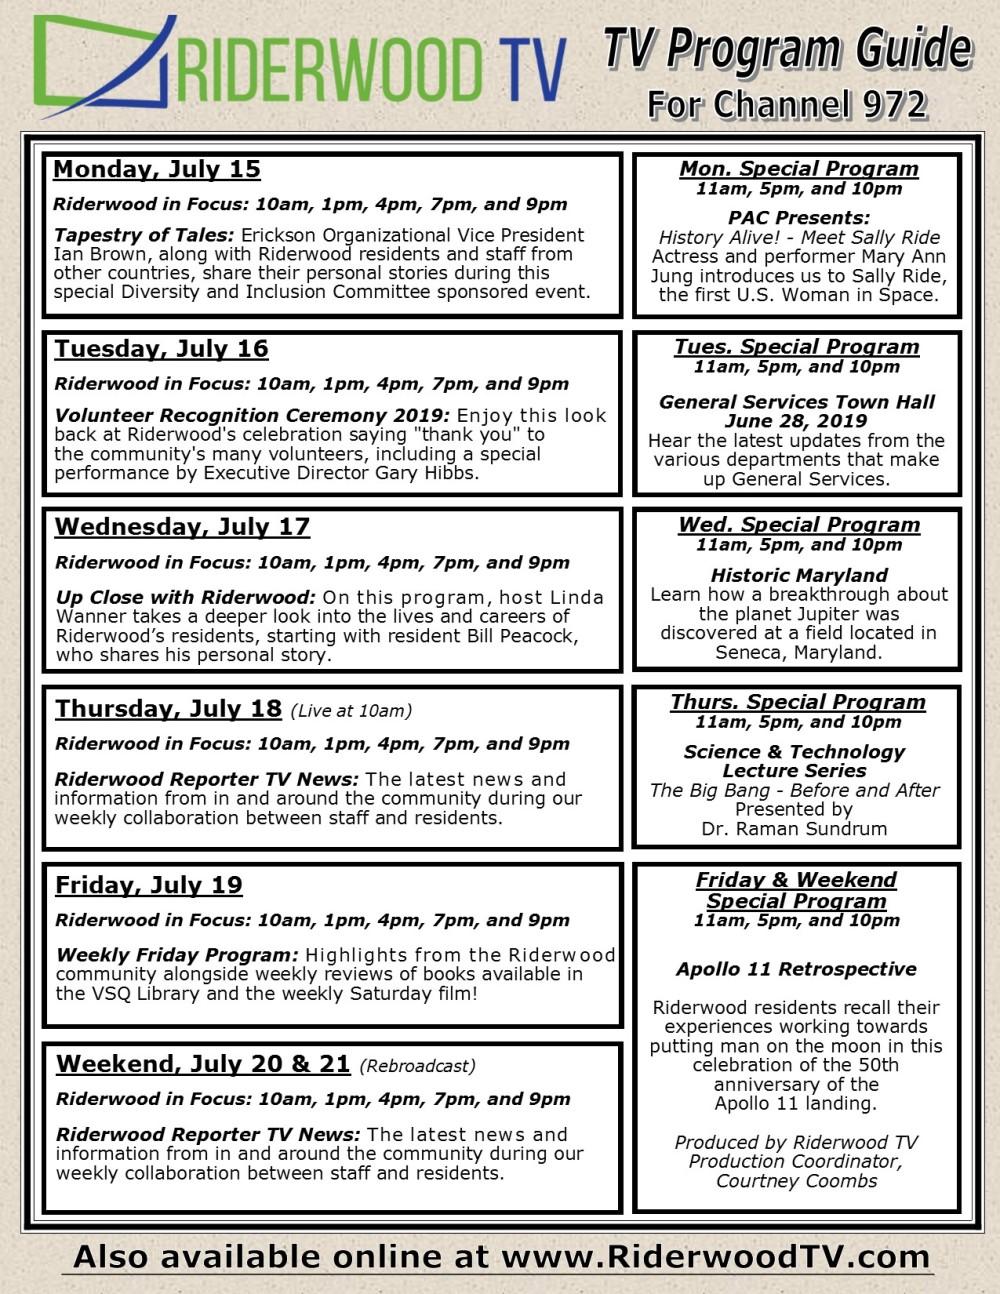 TV_Guide_July15_July21.jpg